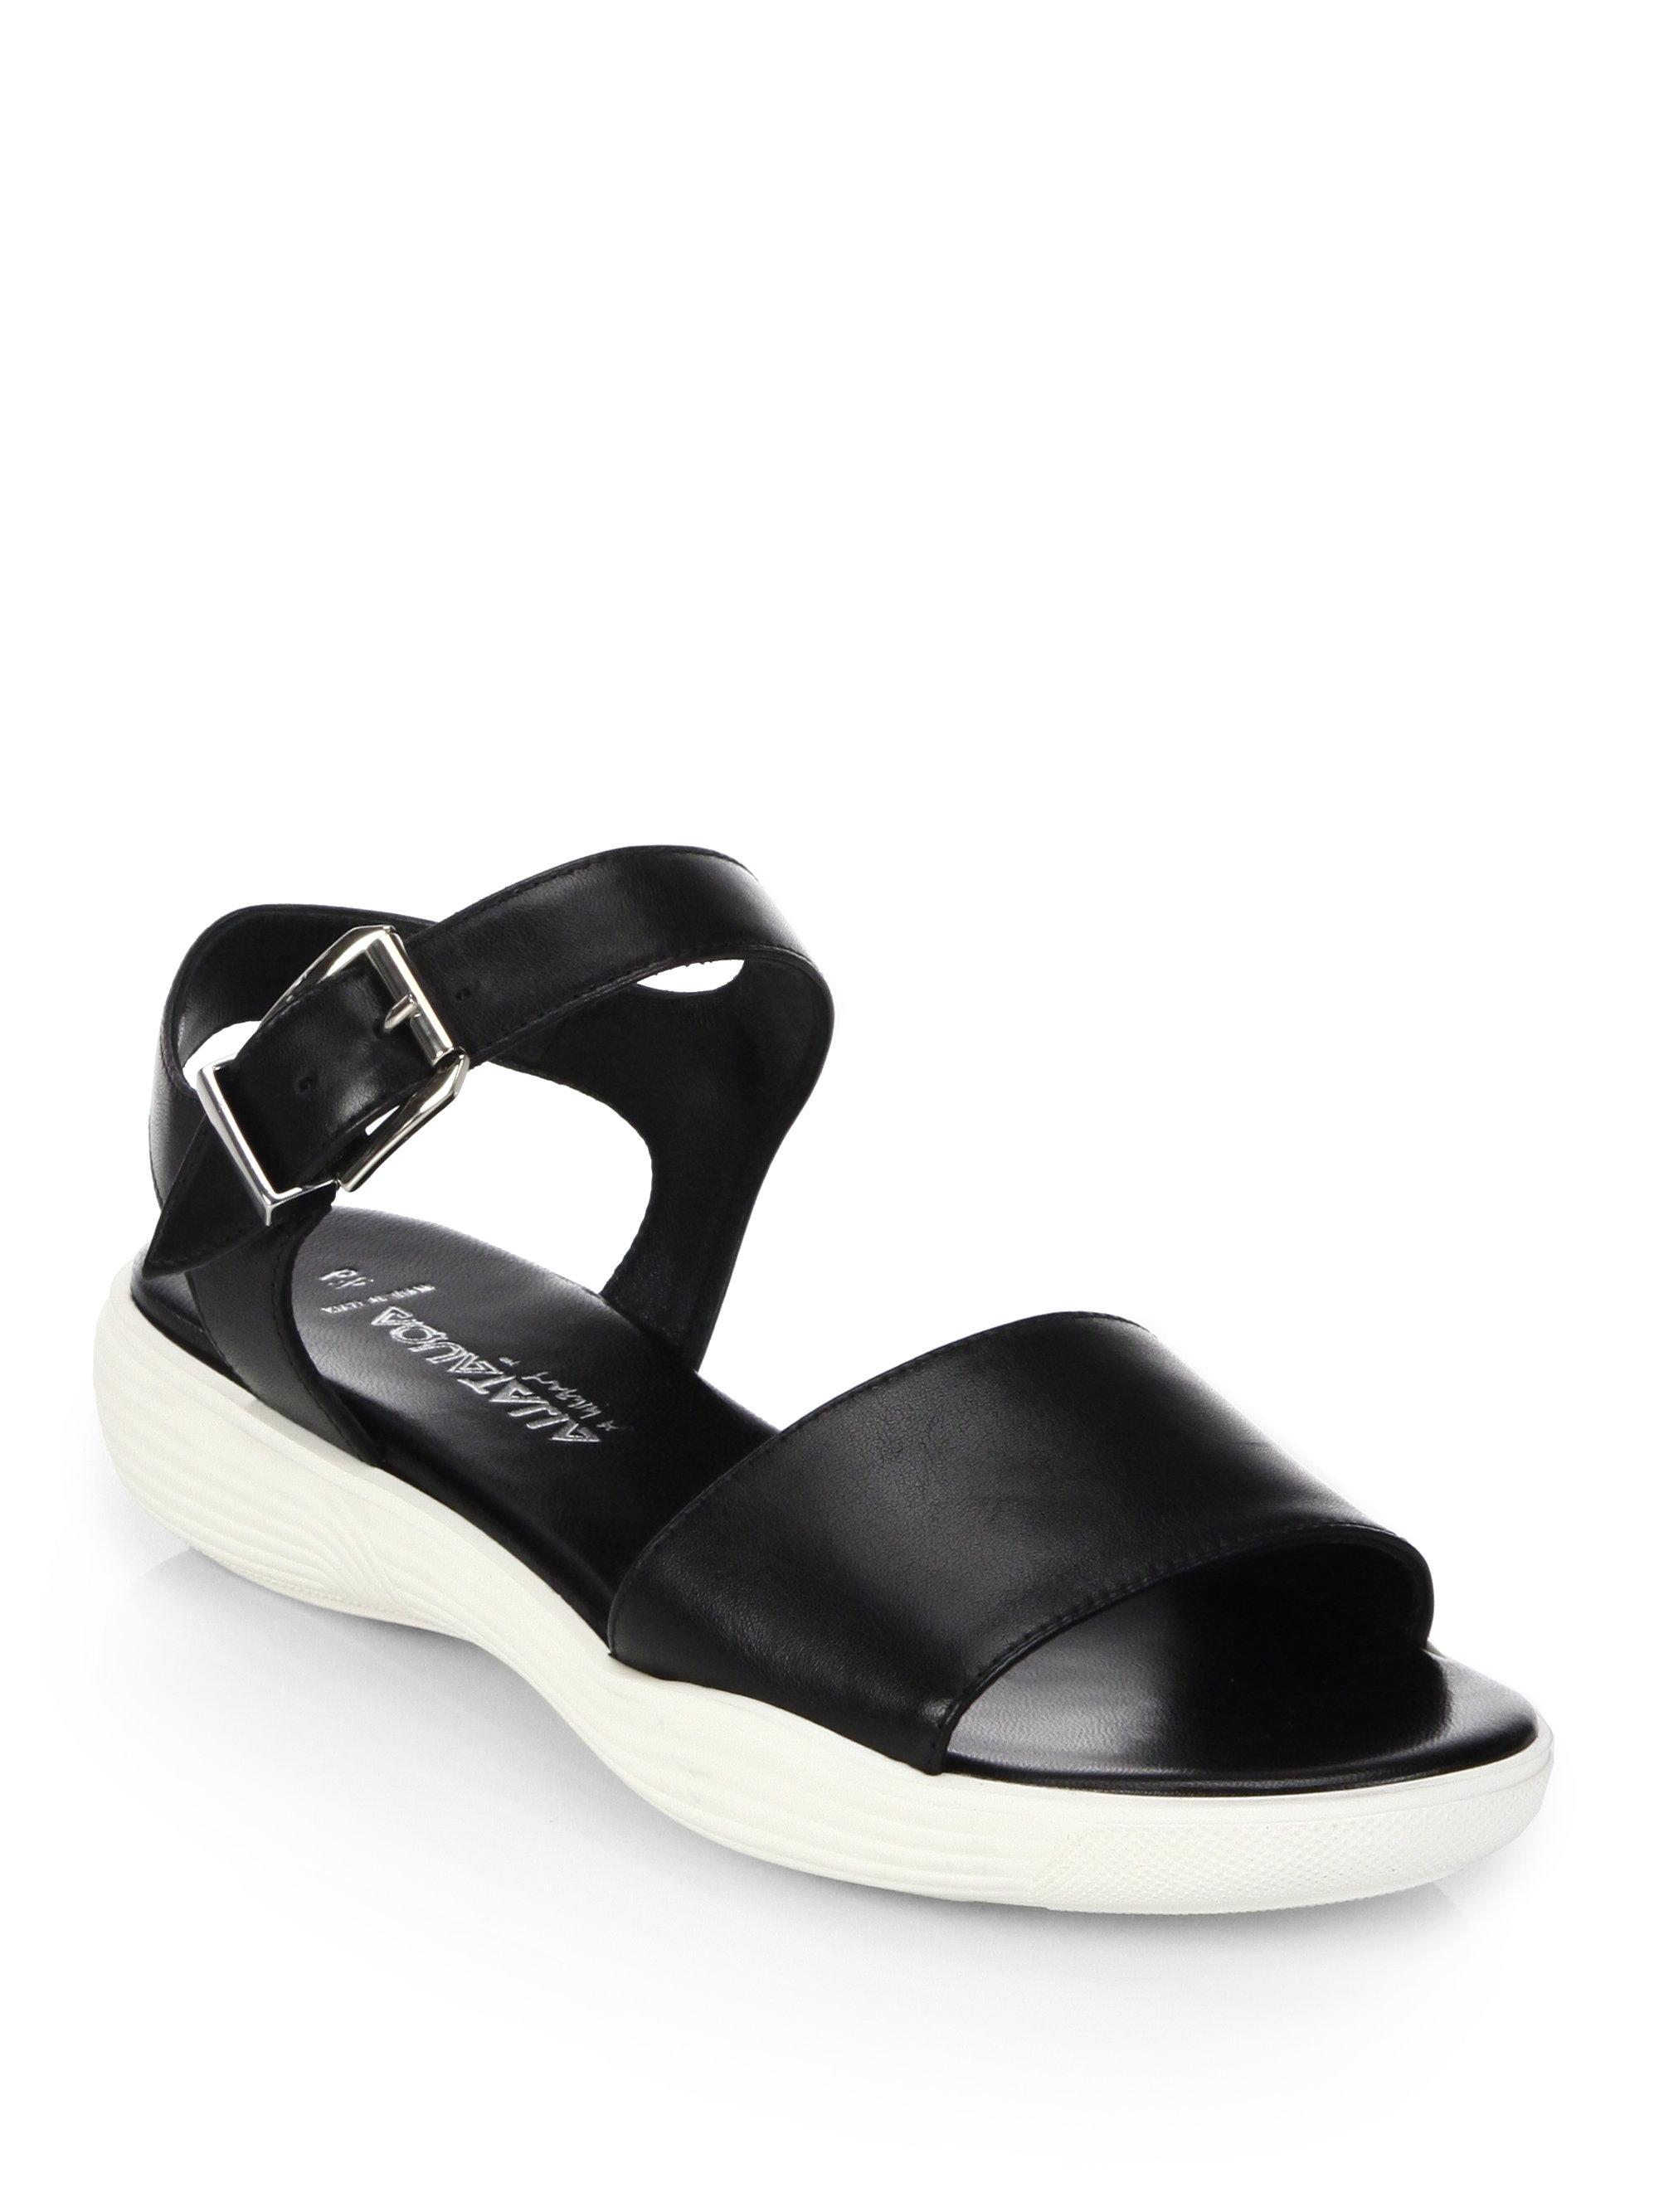 Aquatalia Ravish Leather Wedge Sandals In Black Lyst